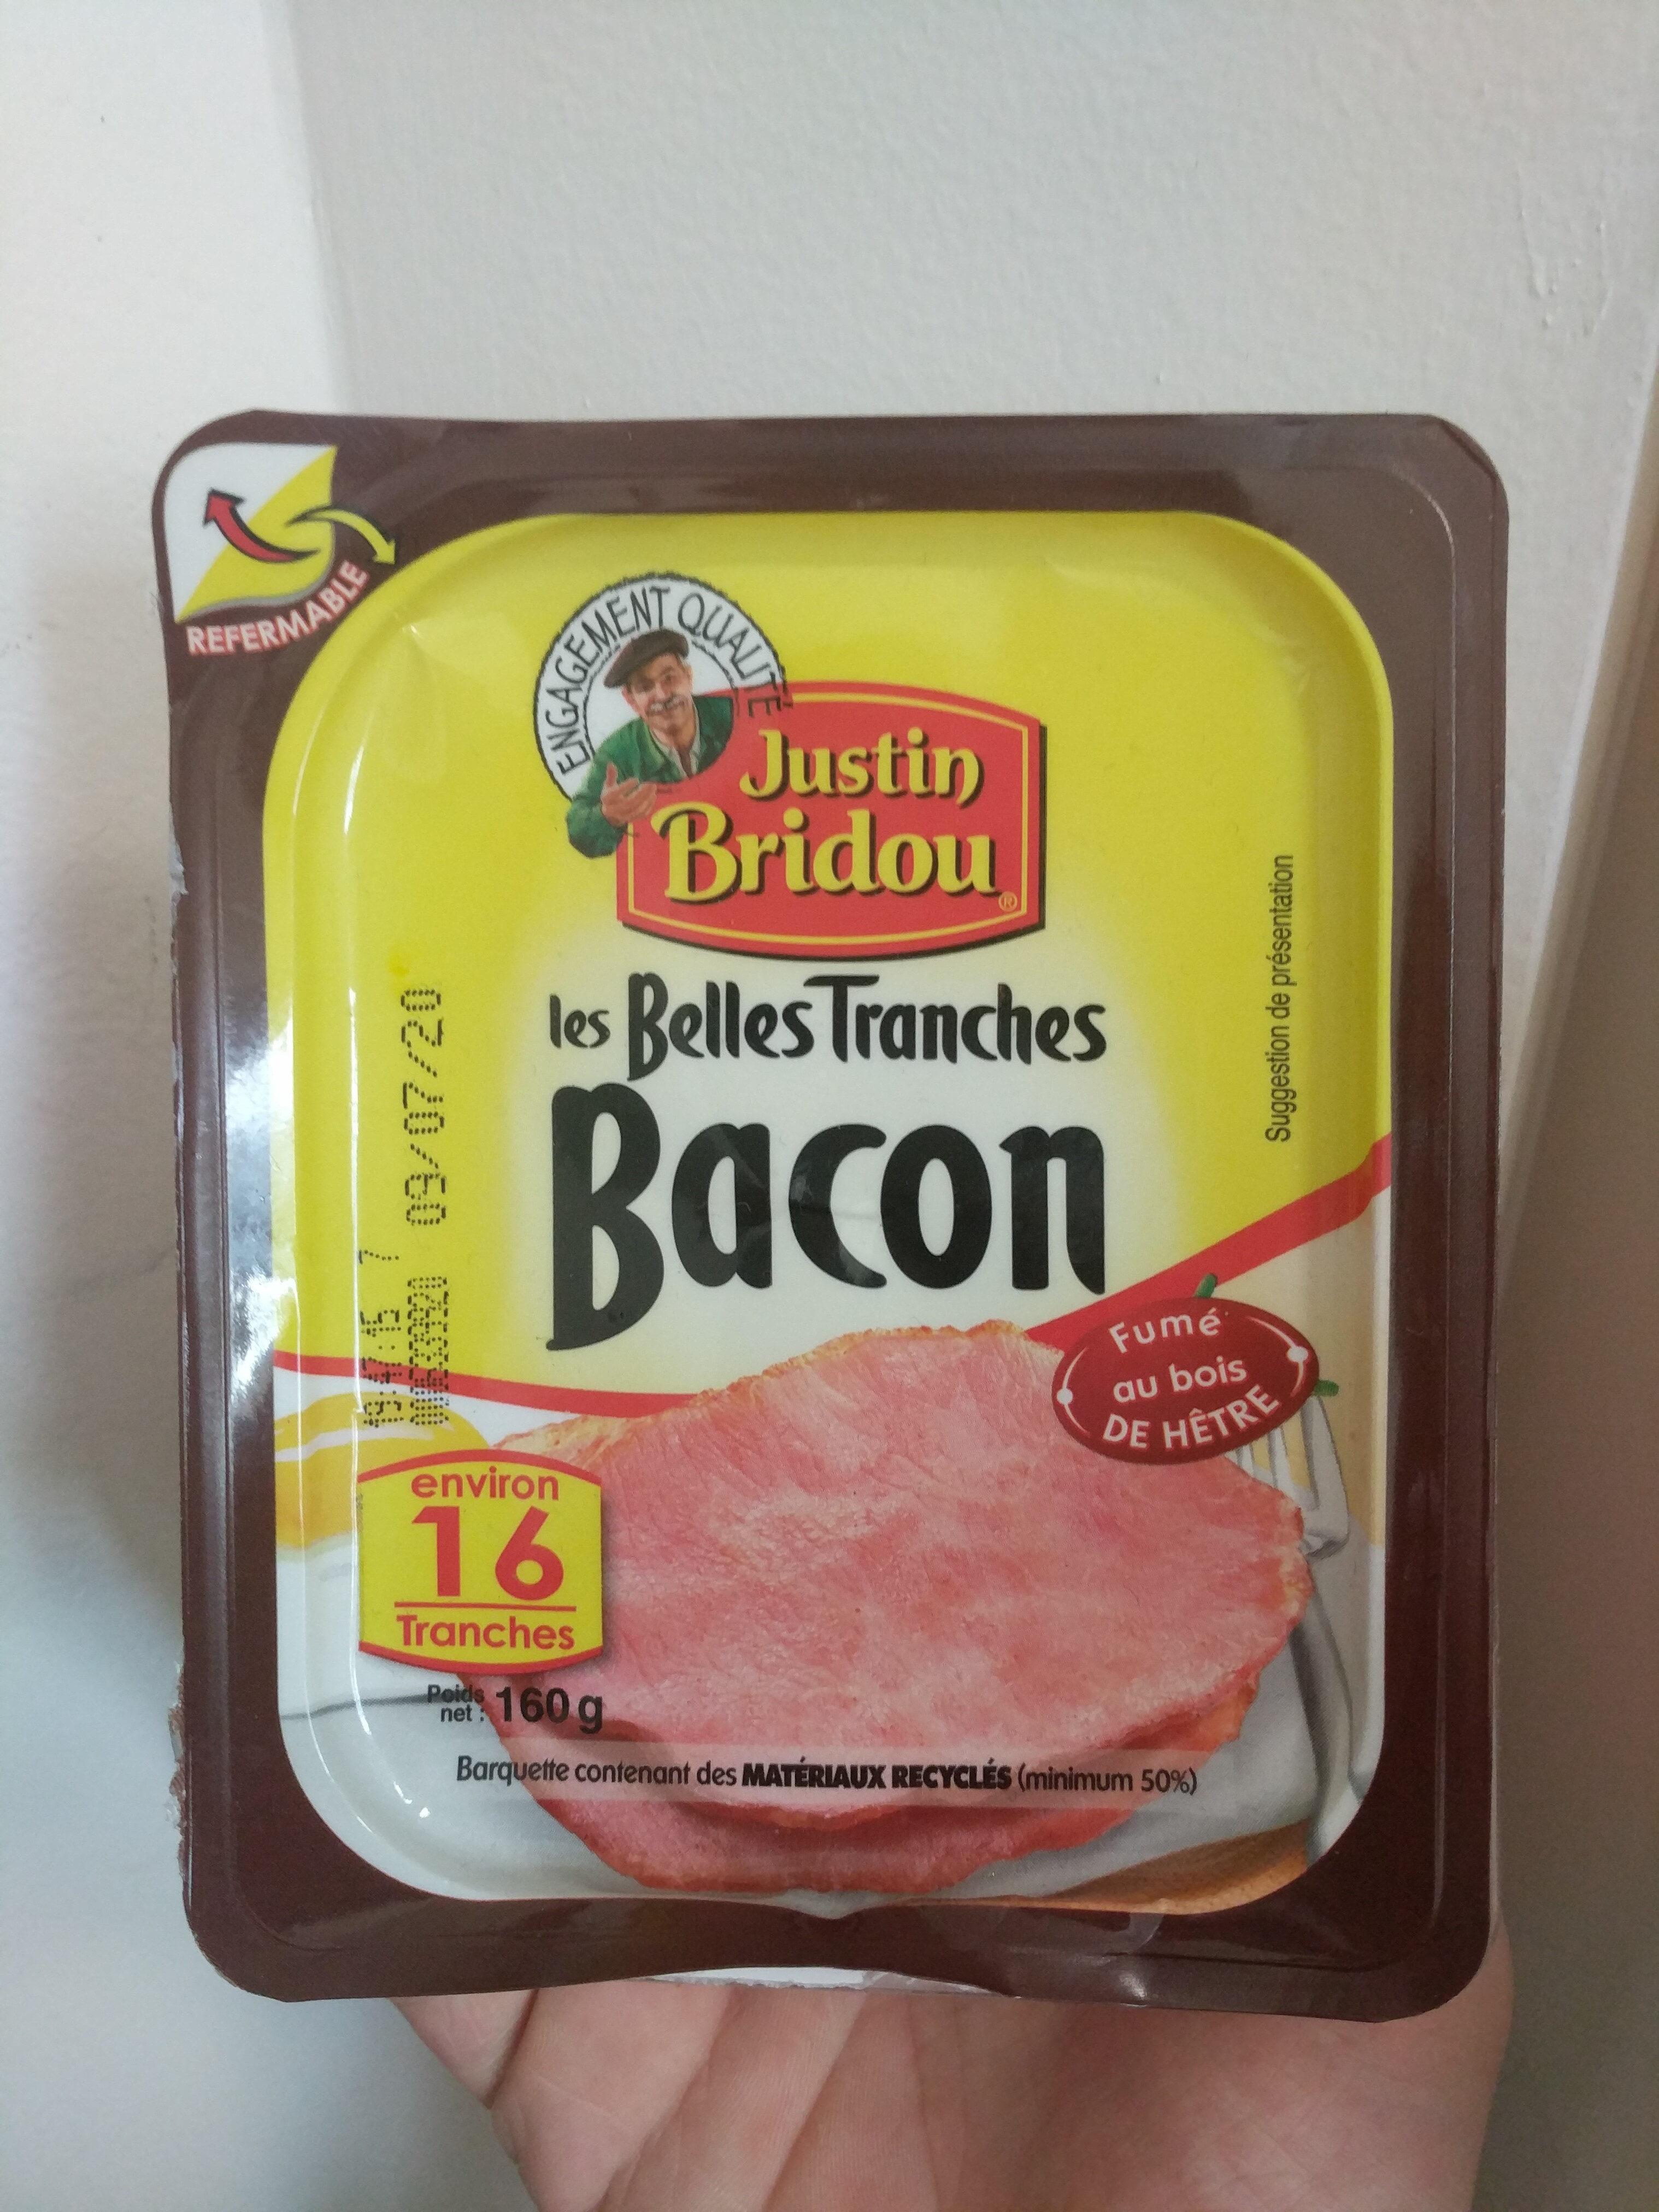 Les Belles Tranches Bacon Fumé au bois de Hêtre - Produit - fr